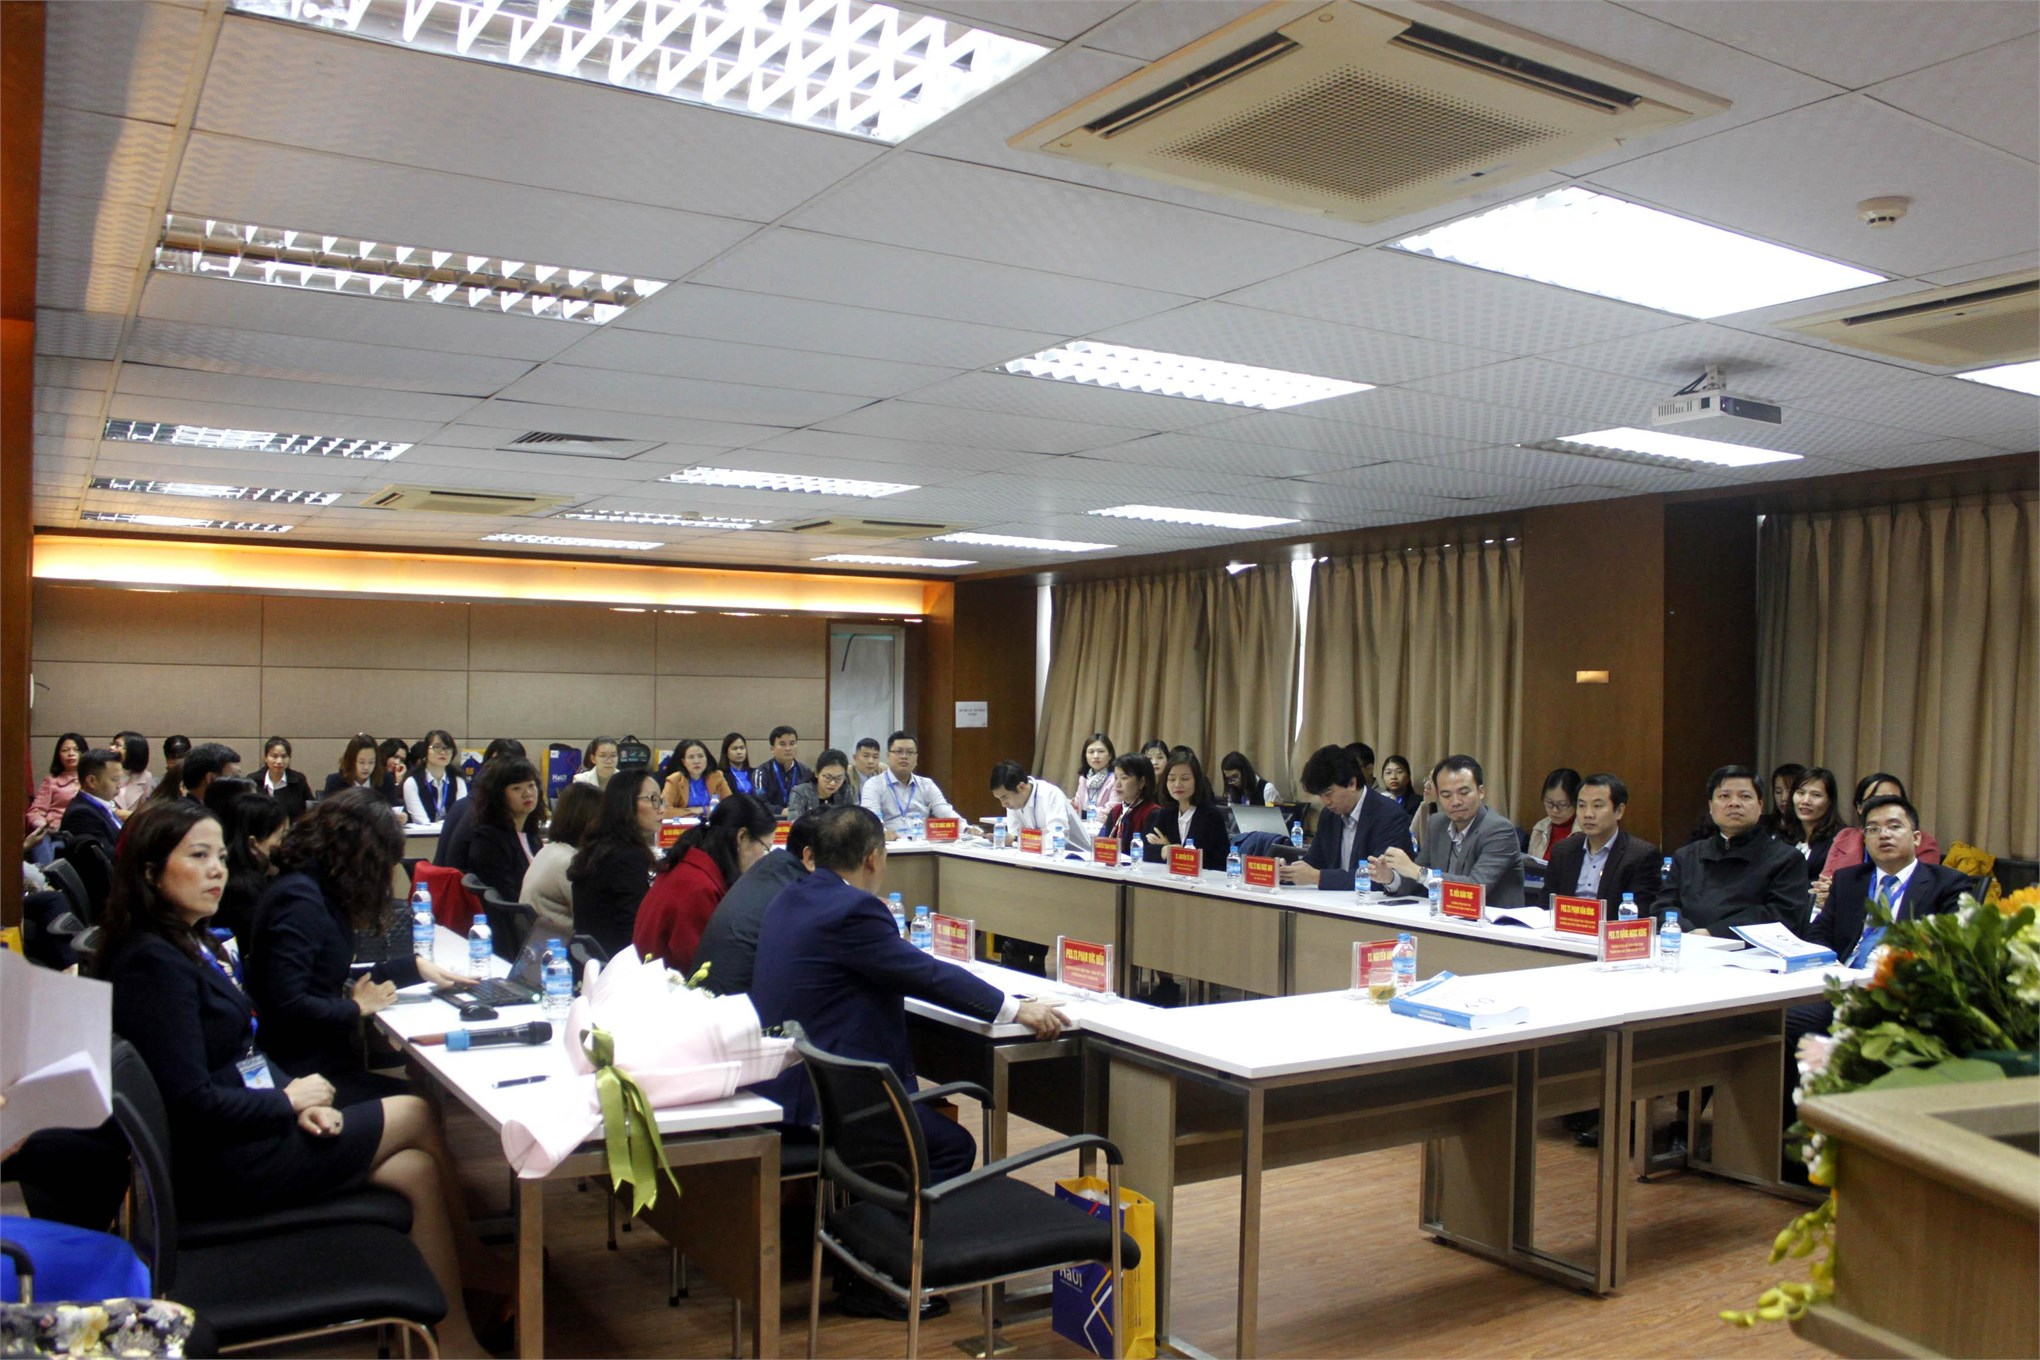 Hội thảo Khoa học Quốc gia Cách mạng công nghiệp lần thứ tư: Những vấn đề đặt ra với nội dung và chương trình đào tạo ngành Kế toán, Kiểm toán